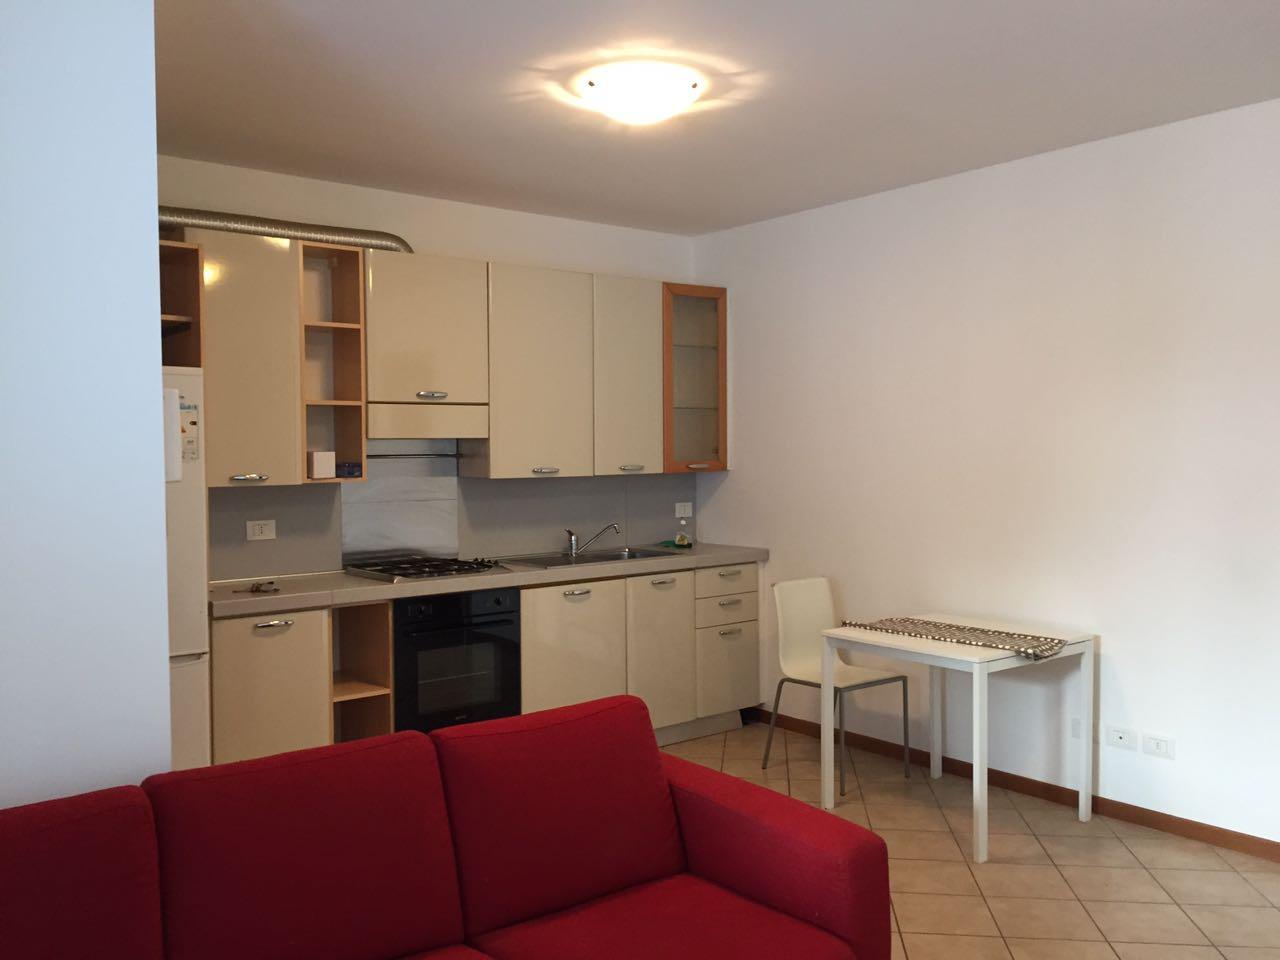 Appartamento in affitto a Calvenzano, 2 locali, prezzo € 550 | CambioCasa.it